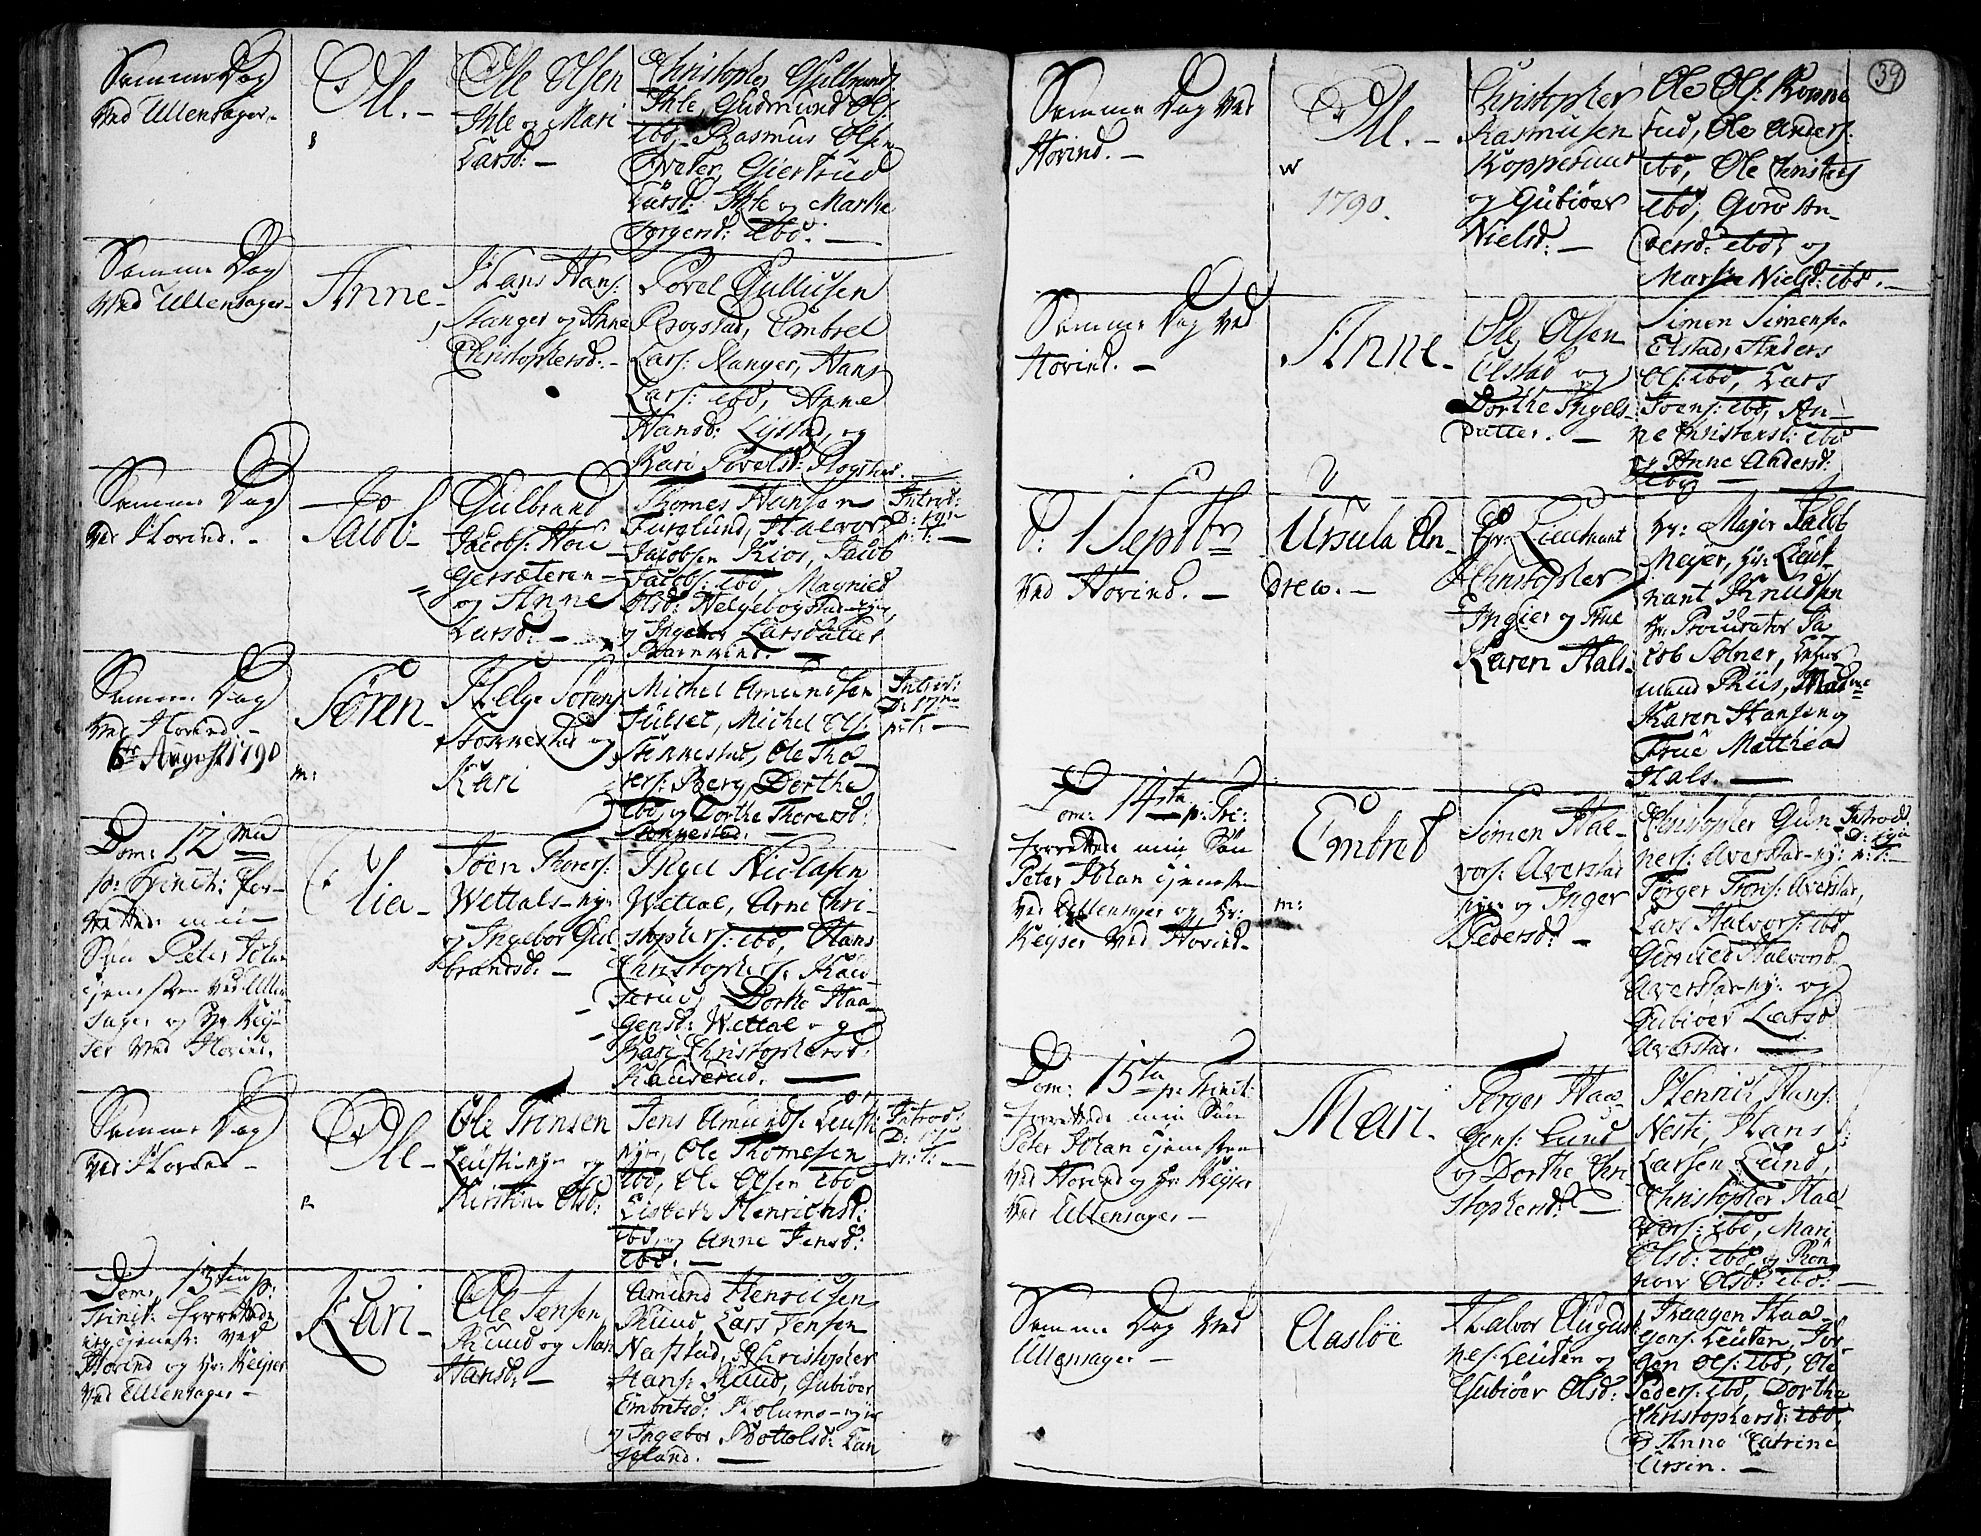 SAO, Ullensaker prestekontor Kirkebøker, F/Fa/L0007: Ministerialbok nr. I 7, 1786-1815, s. 39